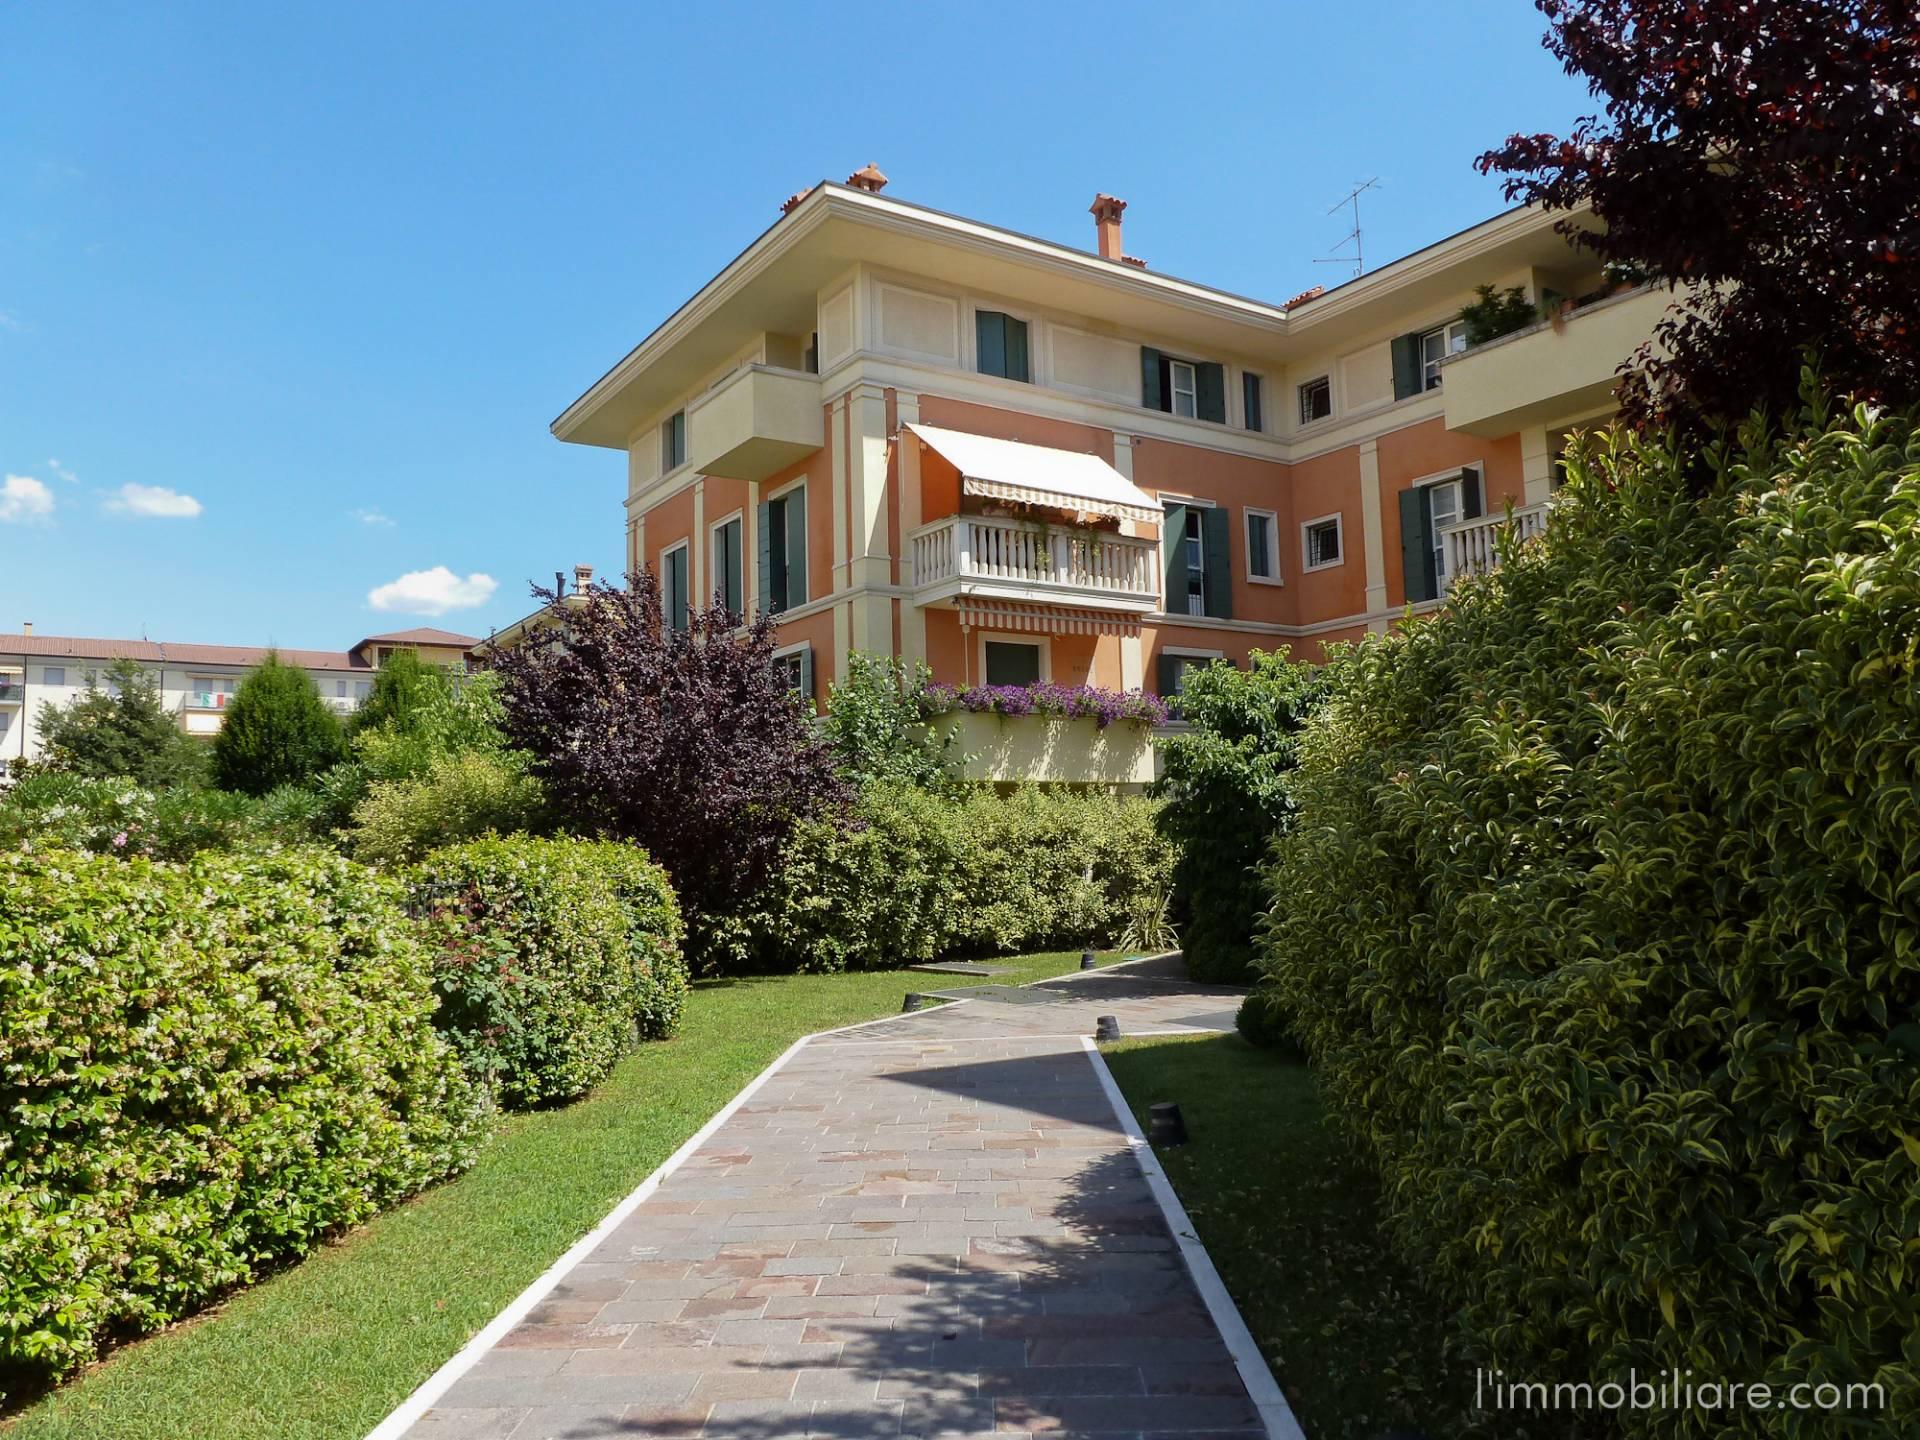 Appartamento in Vendita a Verona Semicentro Est: 2 locali, 60 mq